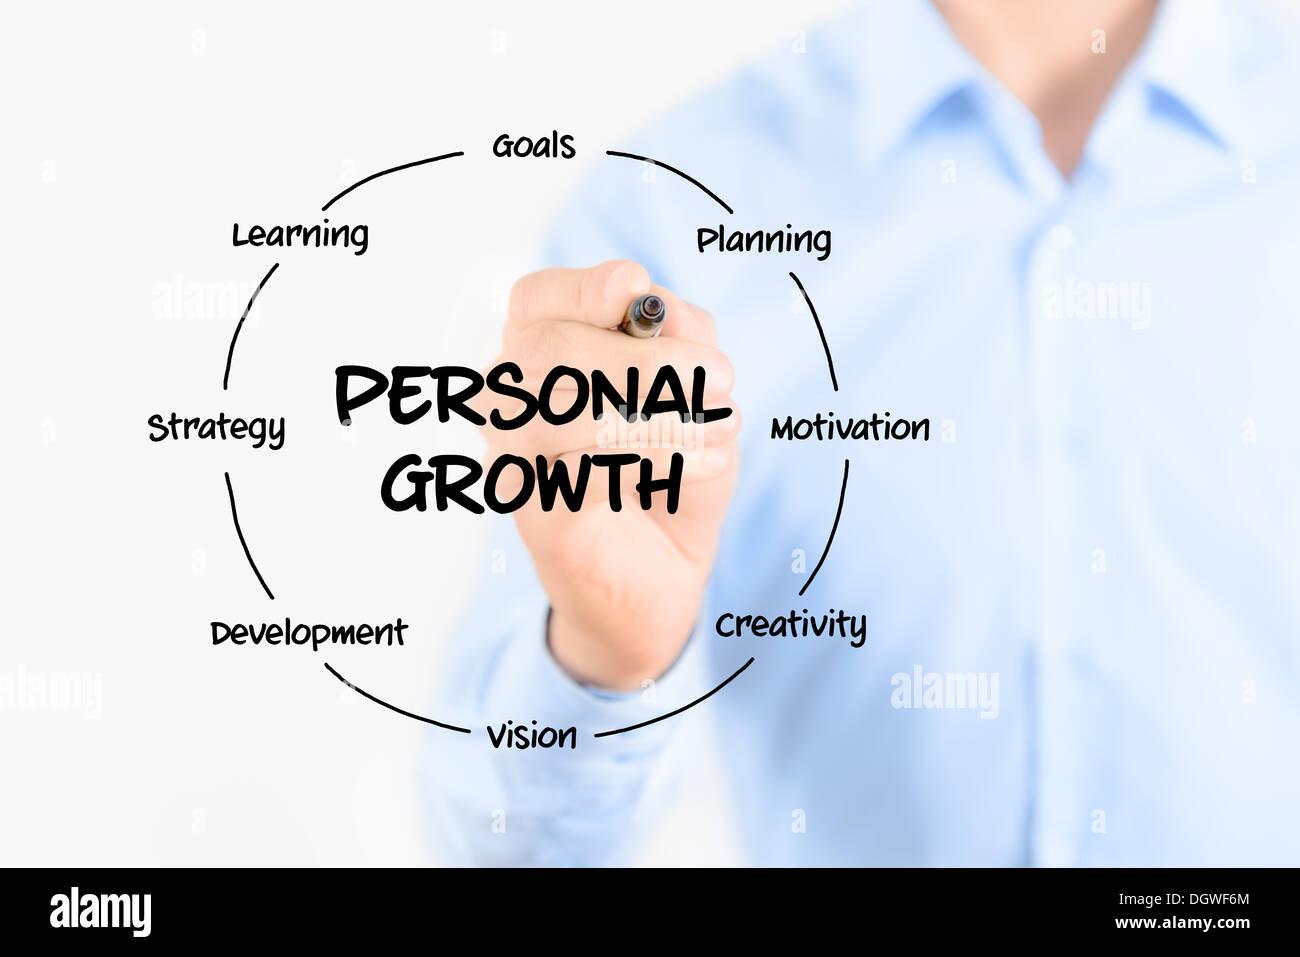 Joven empresario sosteniendo un marcador y dibujo de diagrama de estructura circular de crecimiento personal en pantalla transparente Imagen De Stock